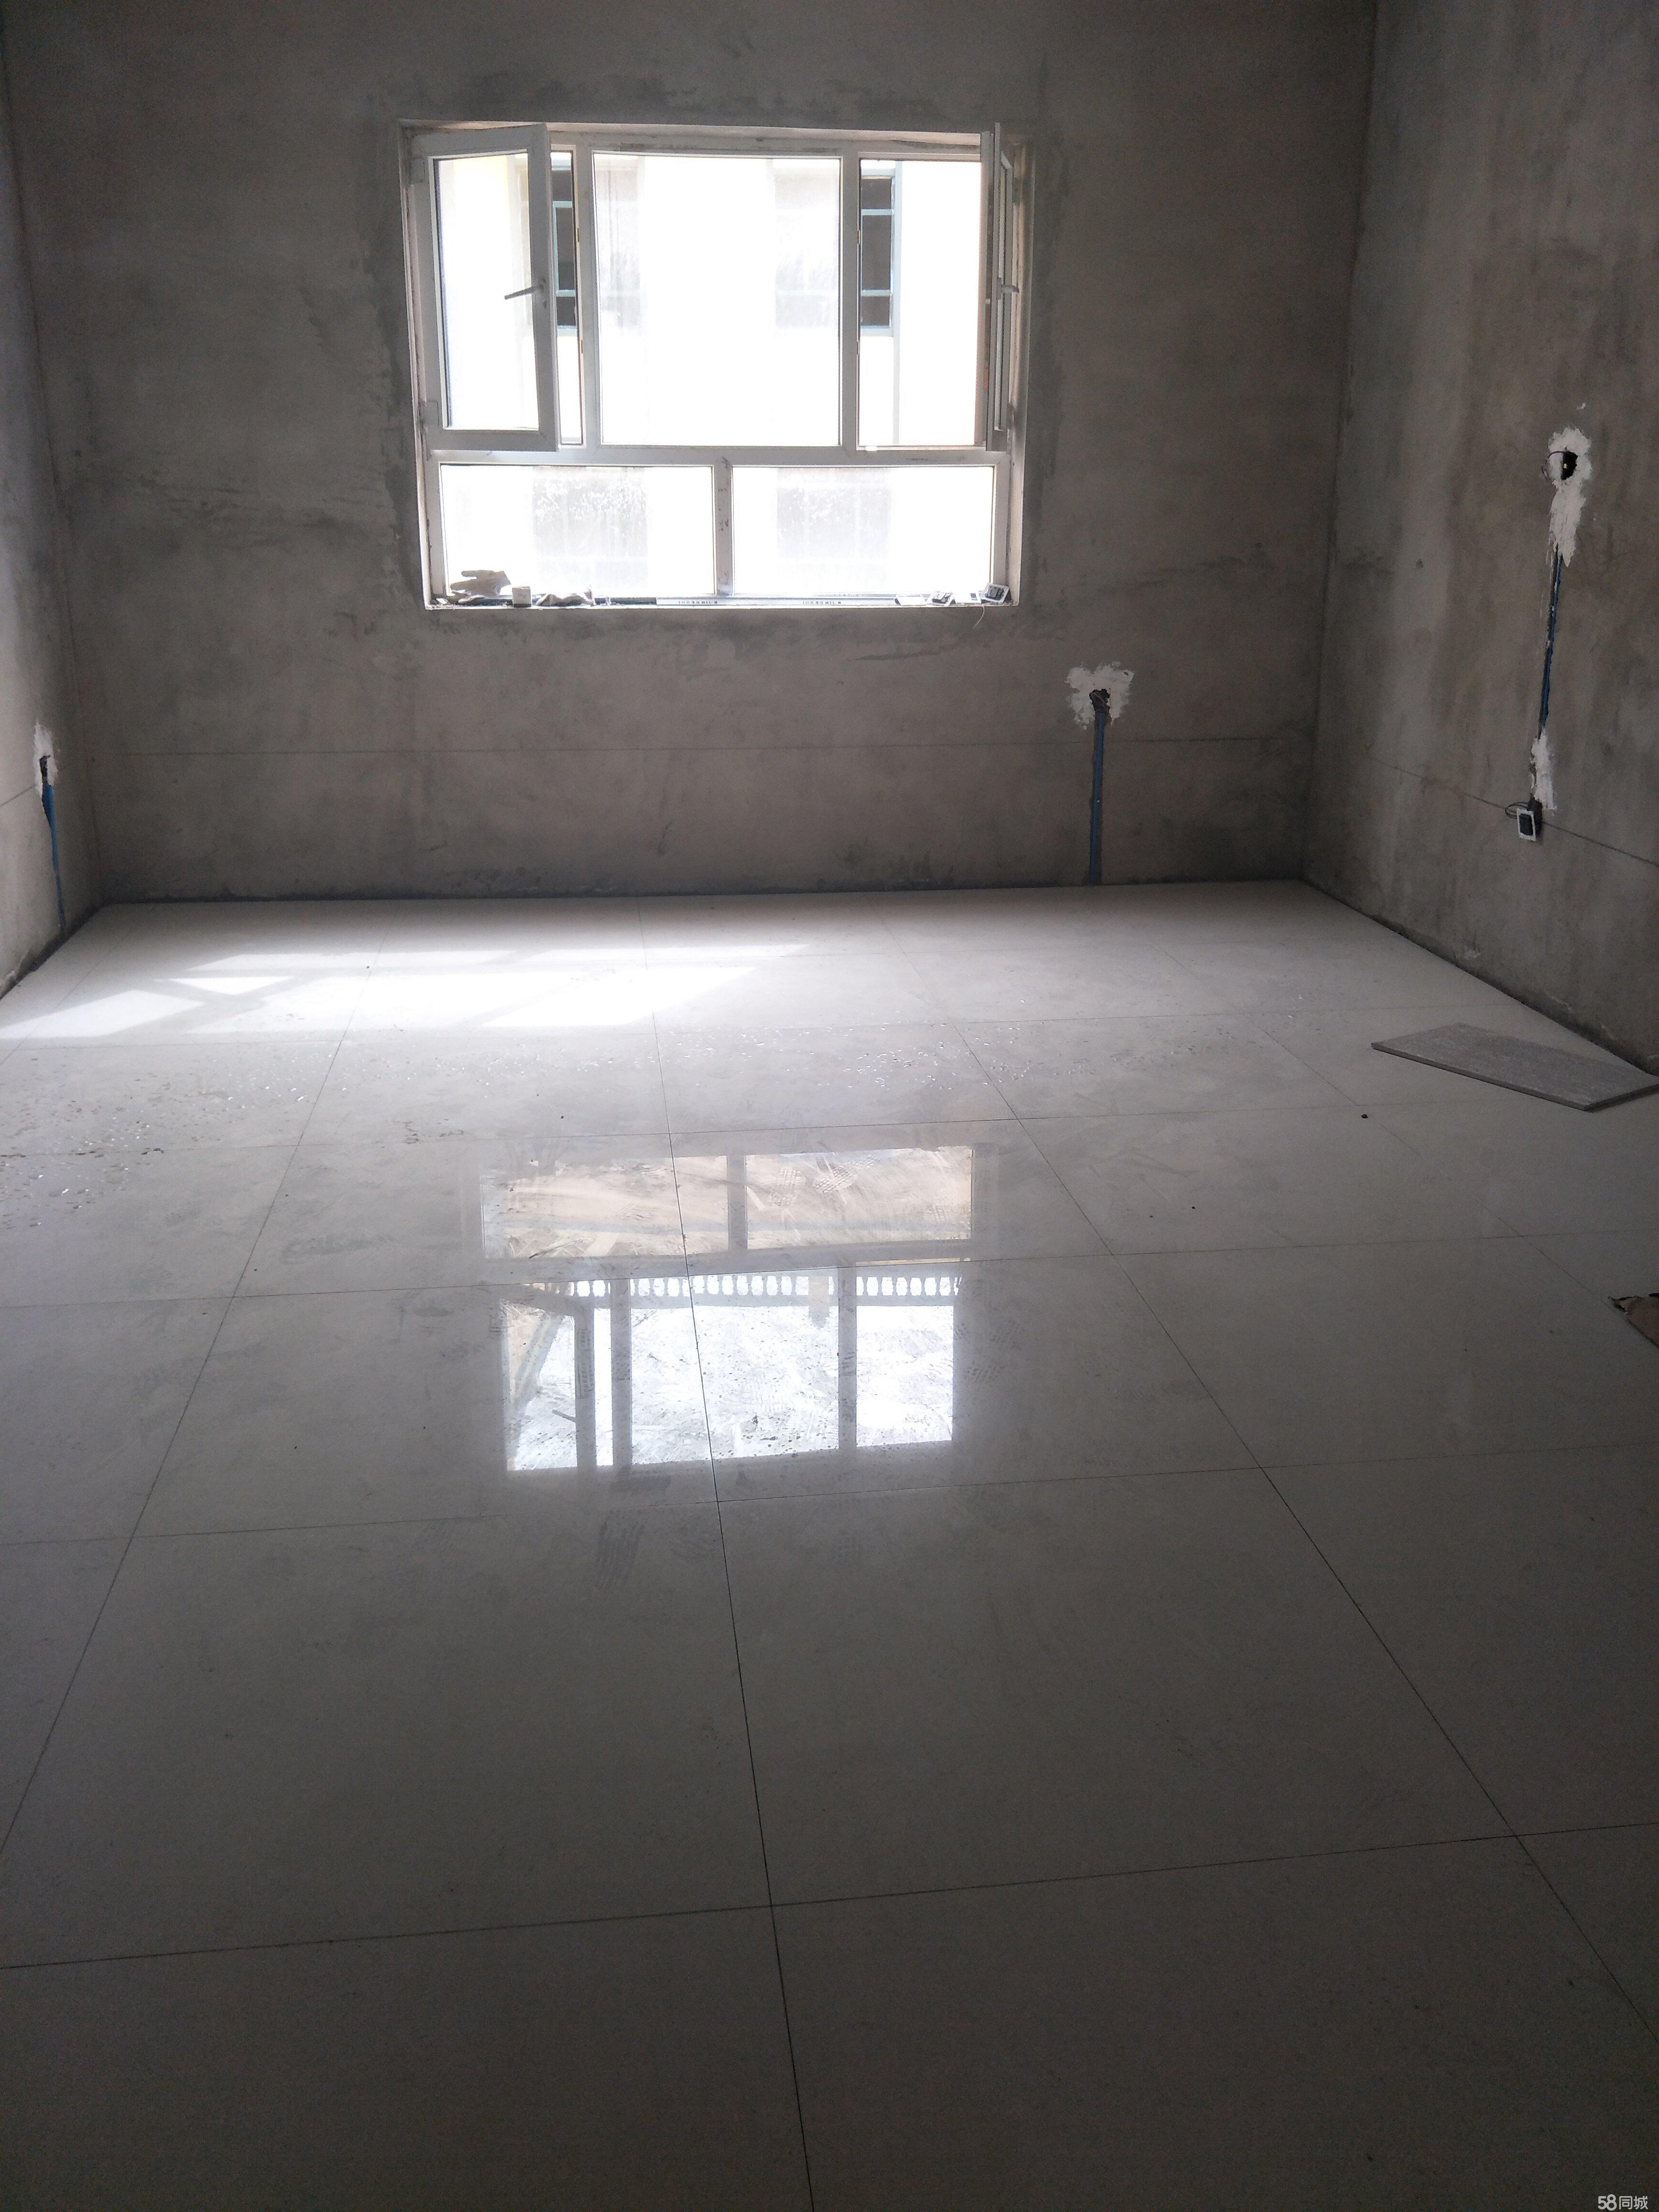 阿图什新星花园3室2厅2卫134平米